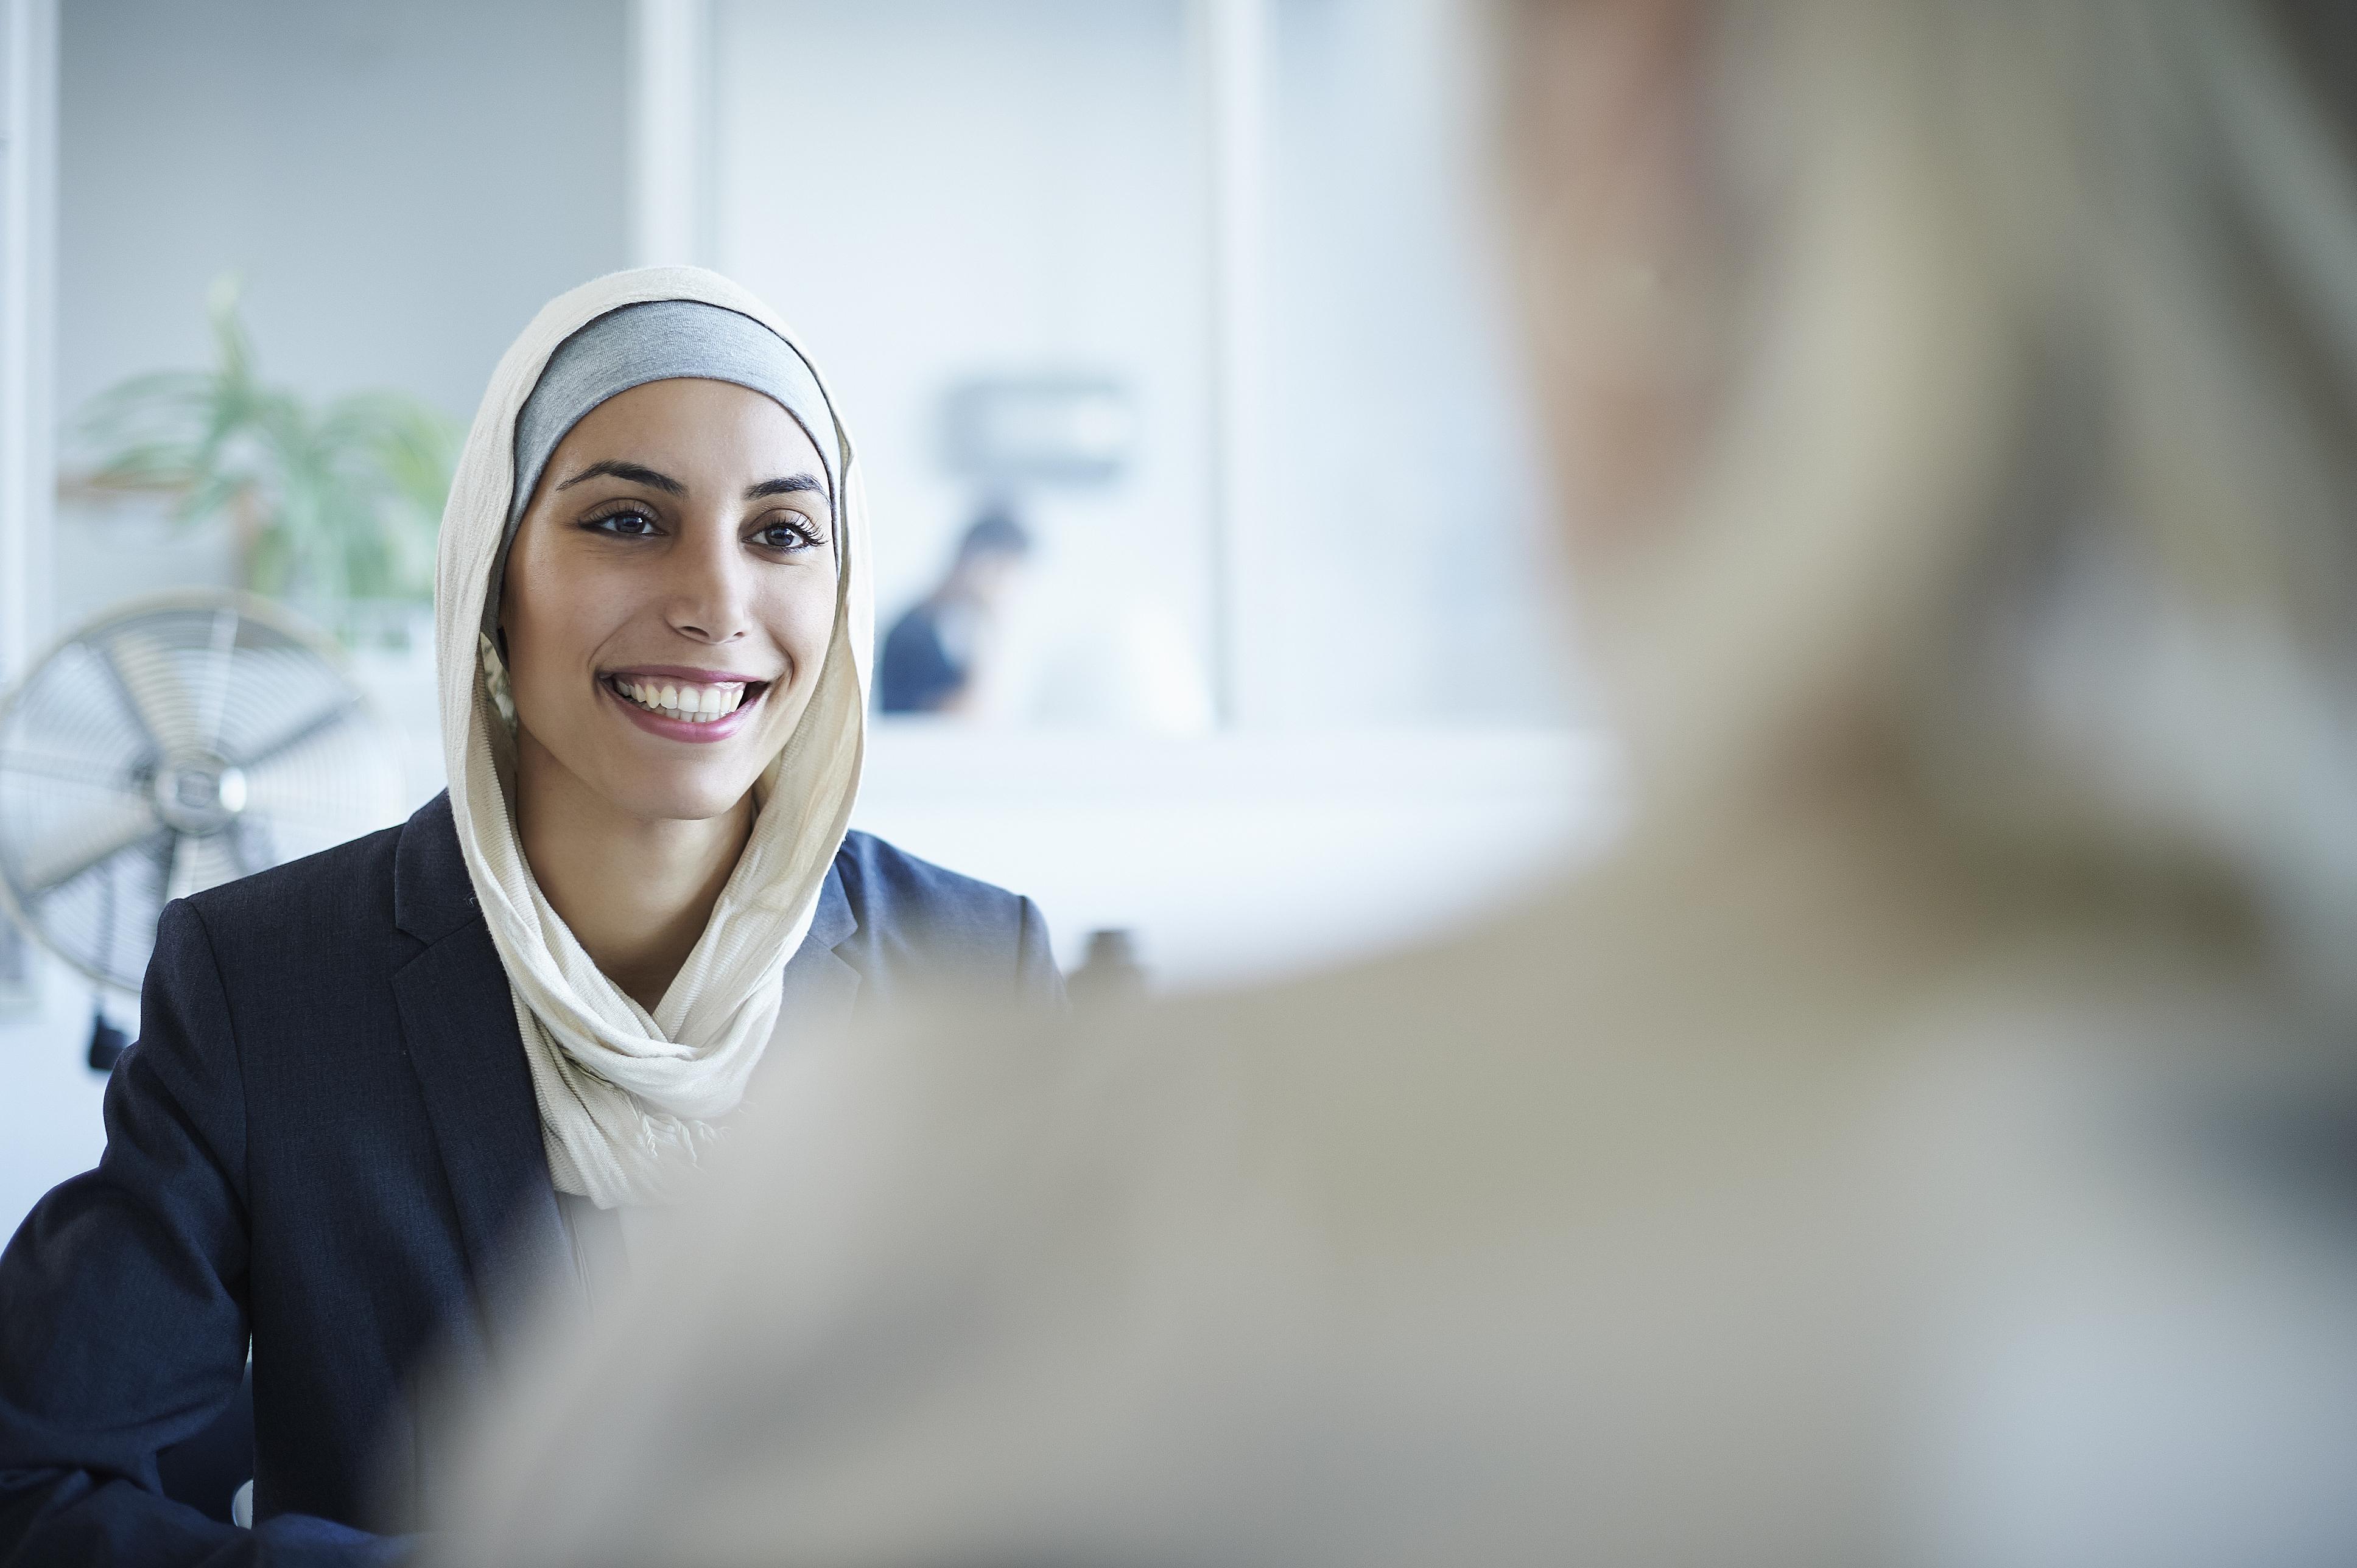 recherche emploi femme voilée rencontre premier rdv